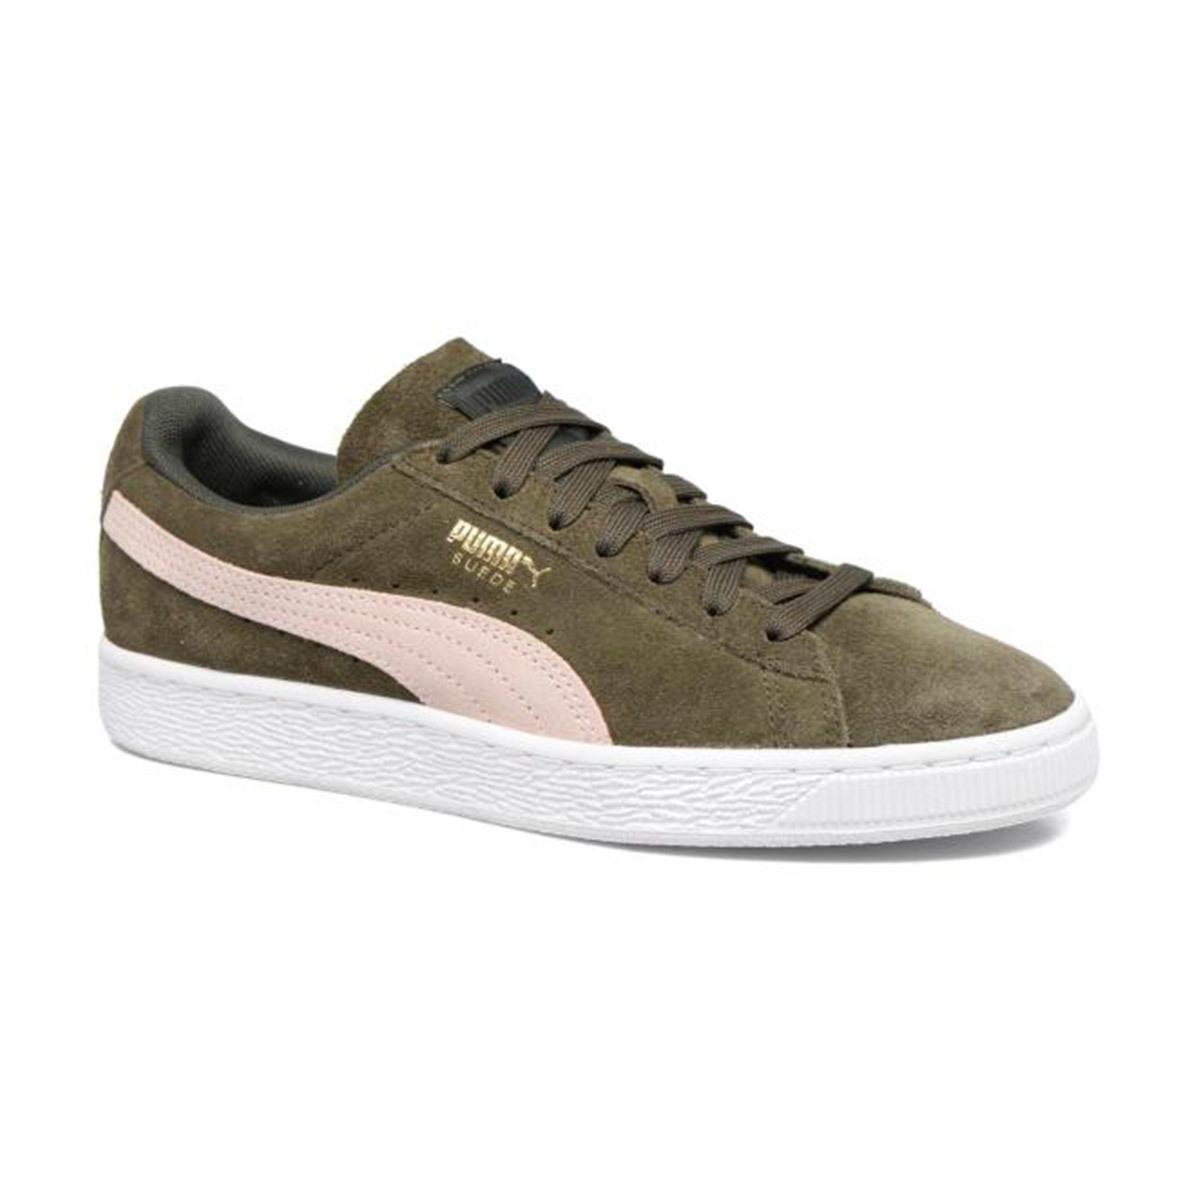 vente chaude en ligne 0783f 7be0f Qsport - PUMA Chaussures Suede Classic